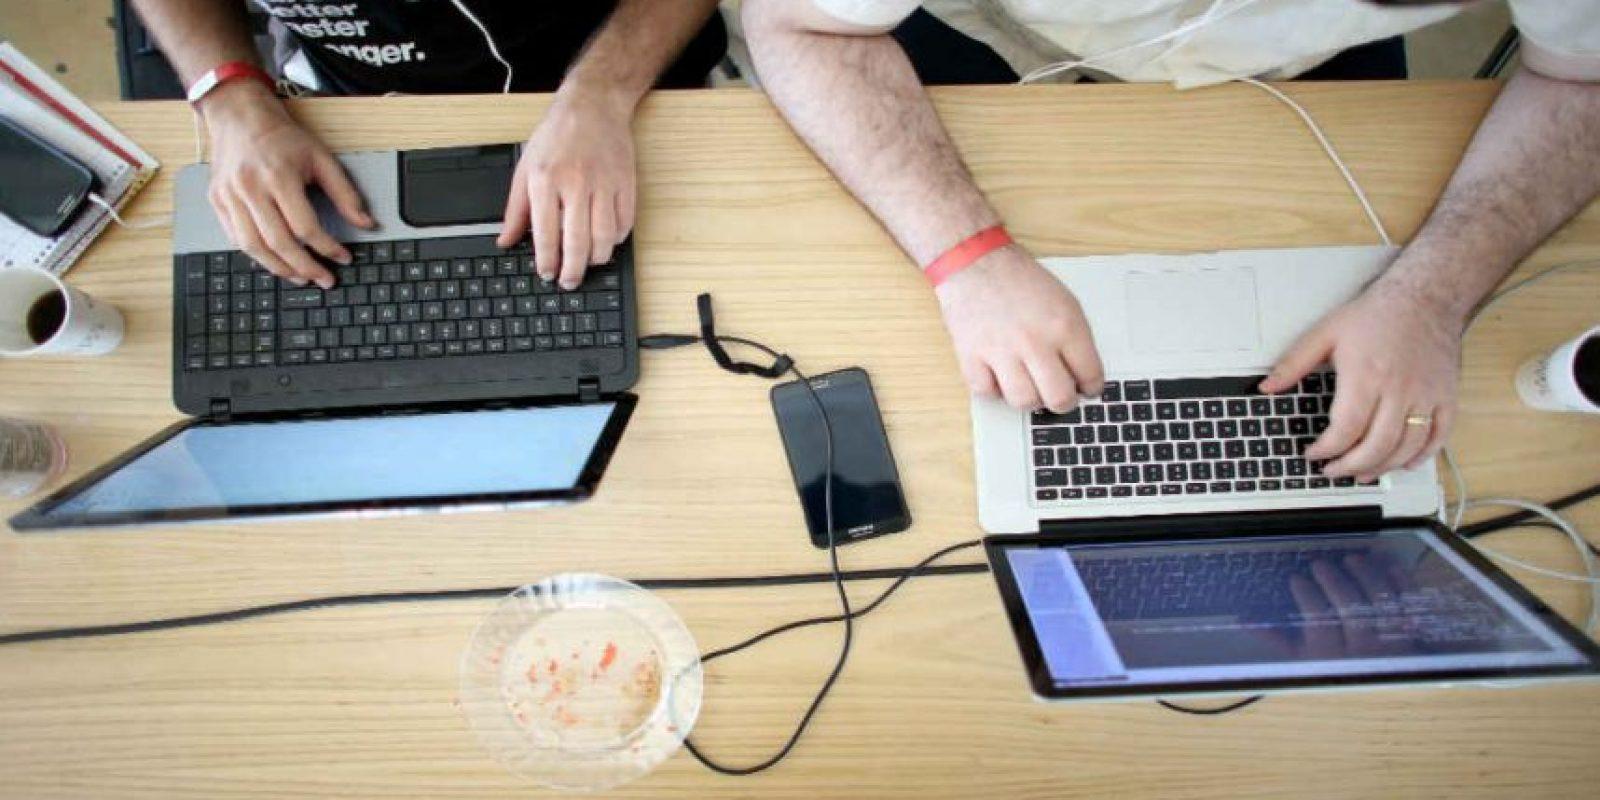 Lo mejor es cambiar su contraseña de correo. Foto:Getty Images